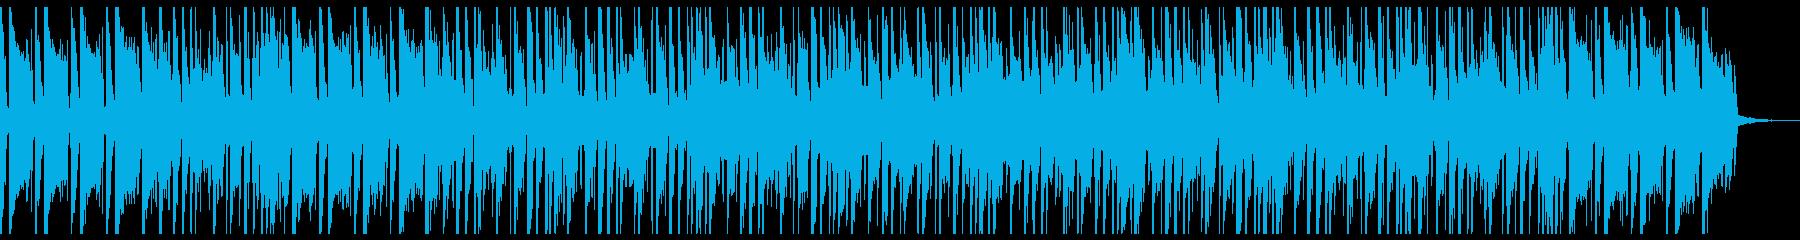 ファンクでゴージャスなアップビートの再生済みの波形